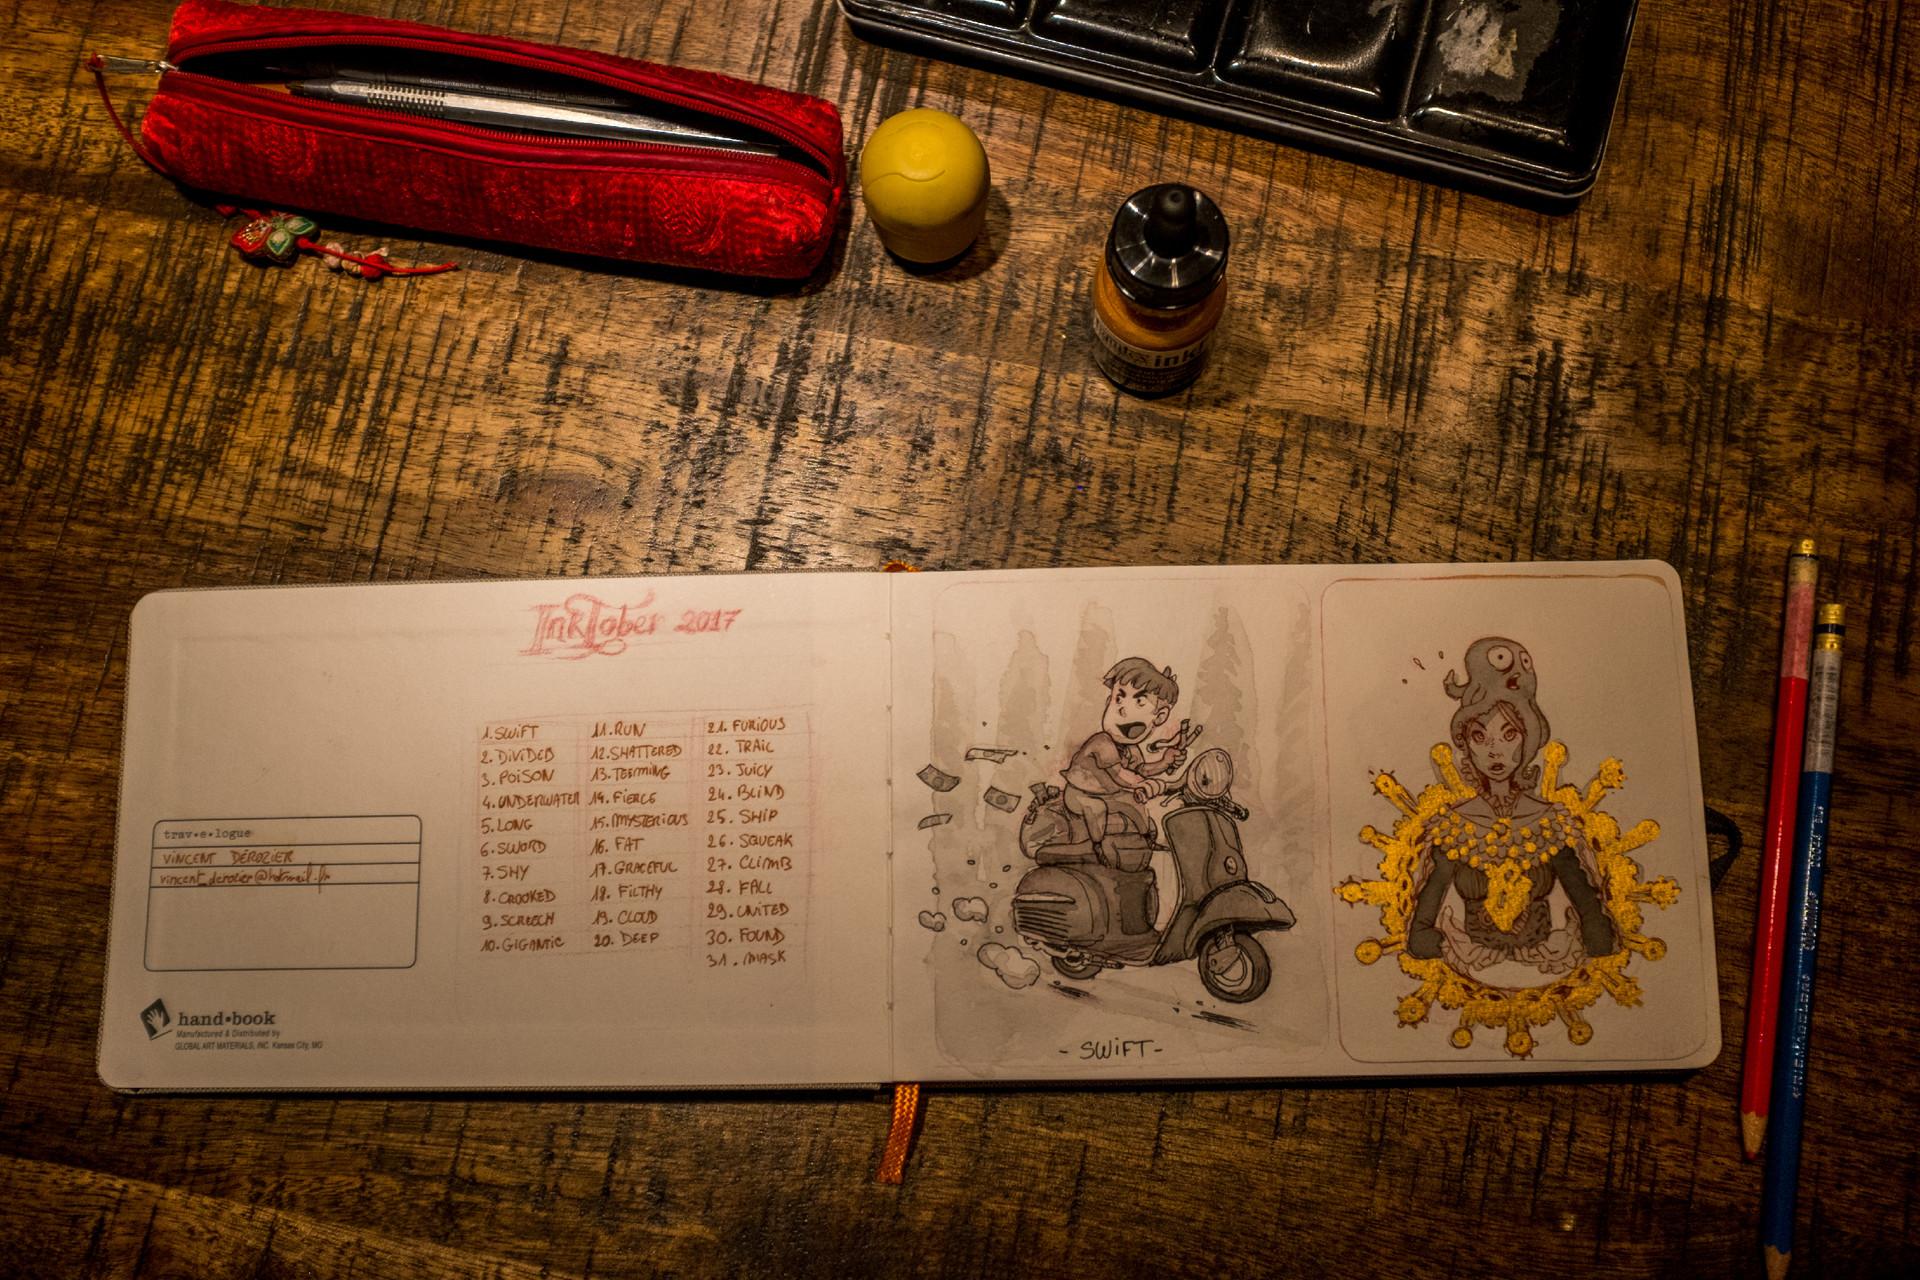 Vincent derozier vincent derozier drawings 12